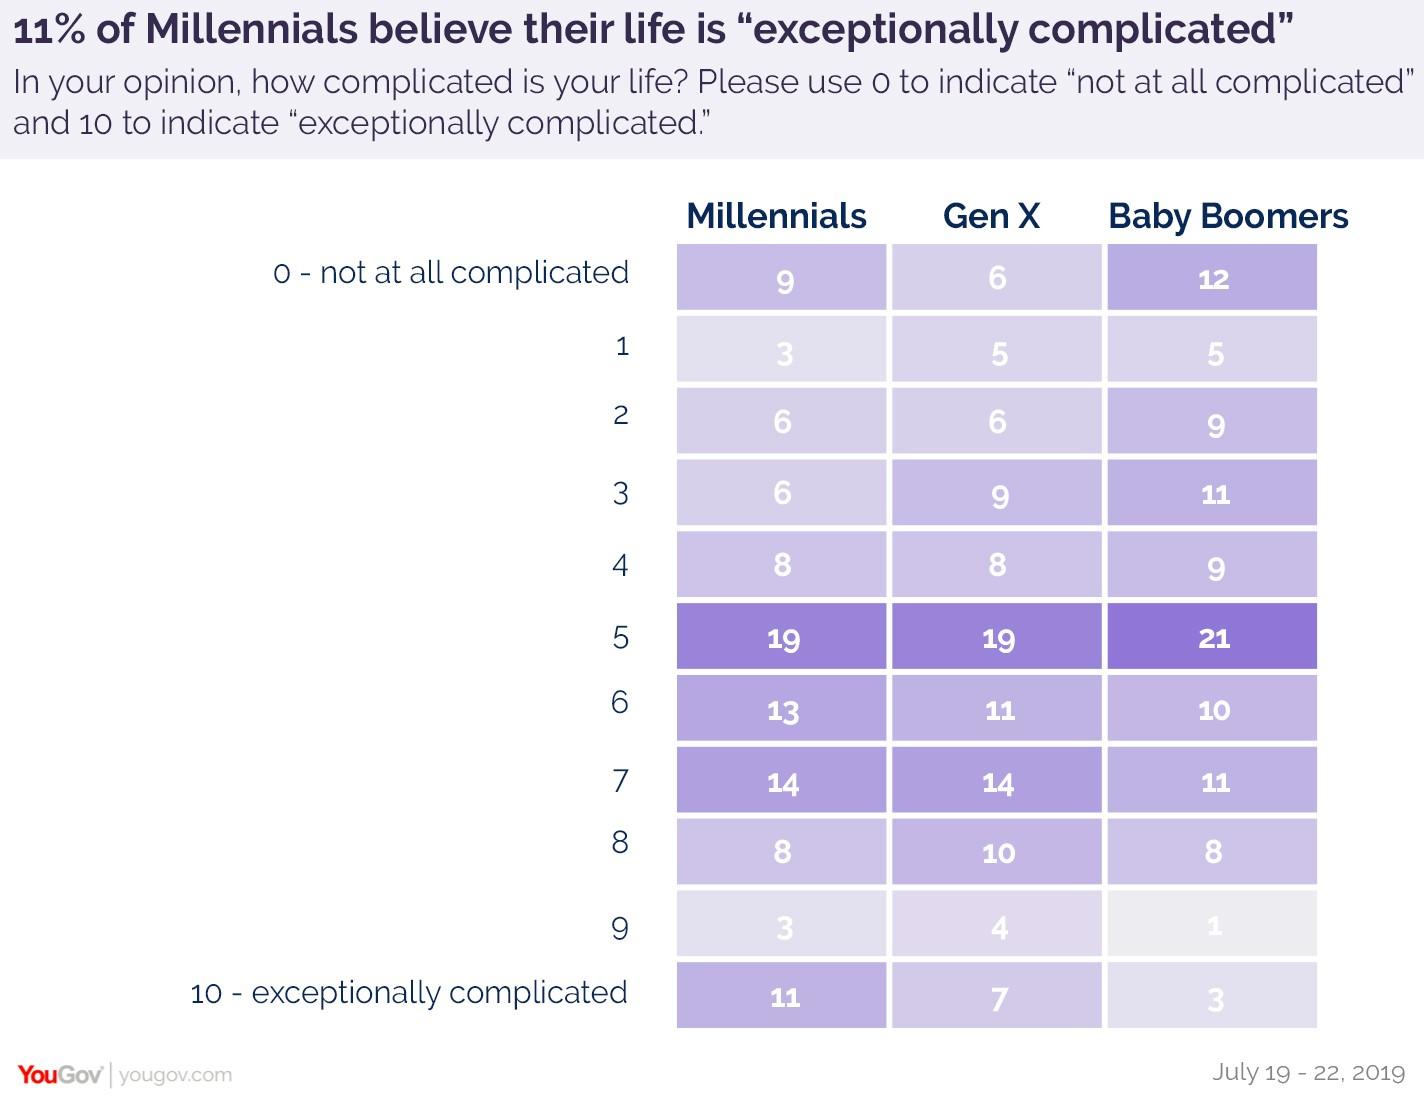 YouGov:61%的美国人认为自己的生活很复杂